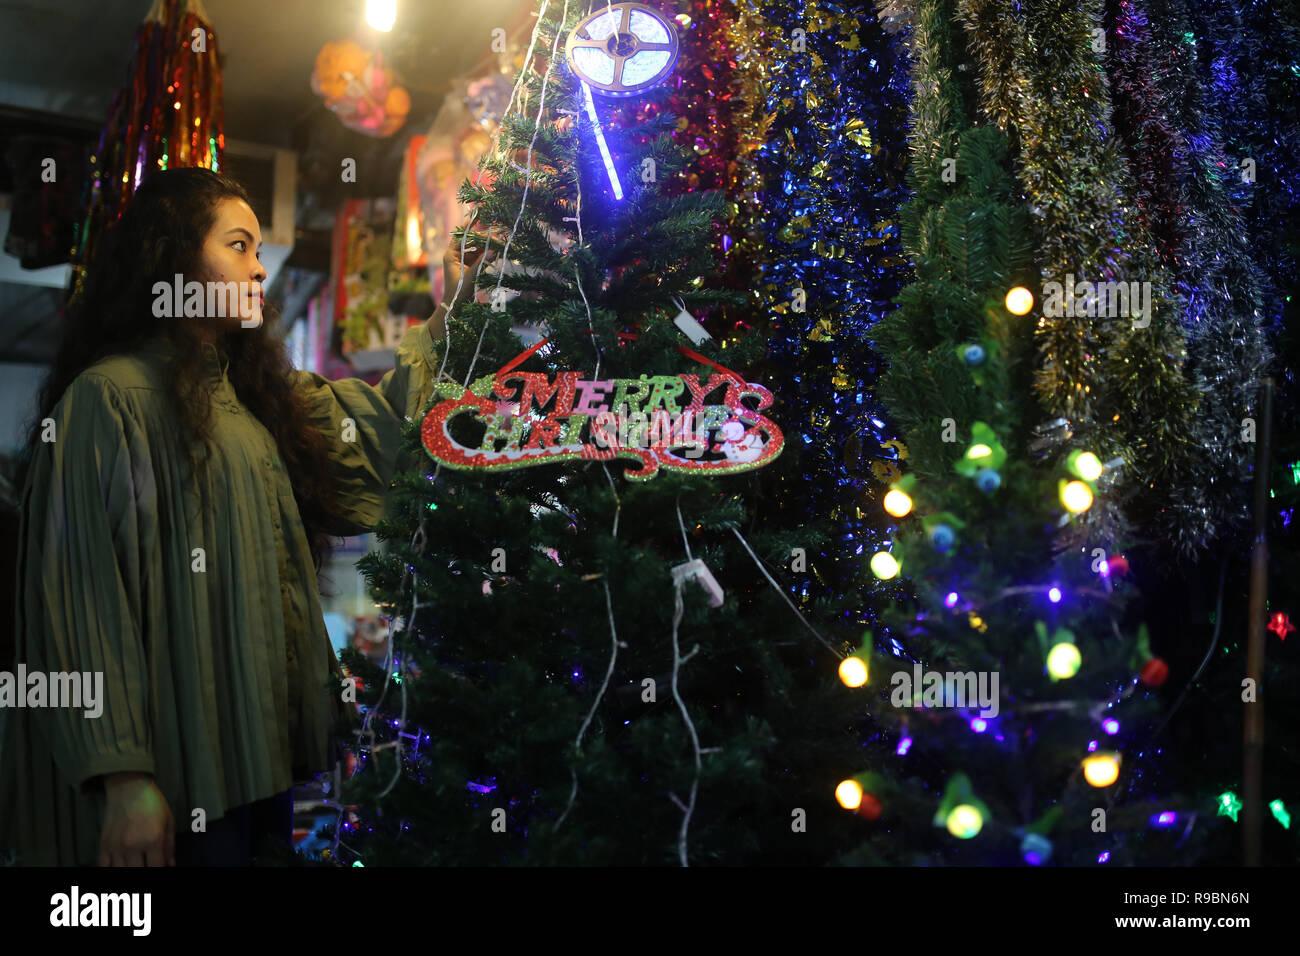 Chica visto compras navideñas en una tienda antes de las vacaciones de Navidad en Dhaka, Bangladesh, el 20 de diciembre de 2018. Imagen De Stock